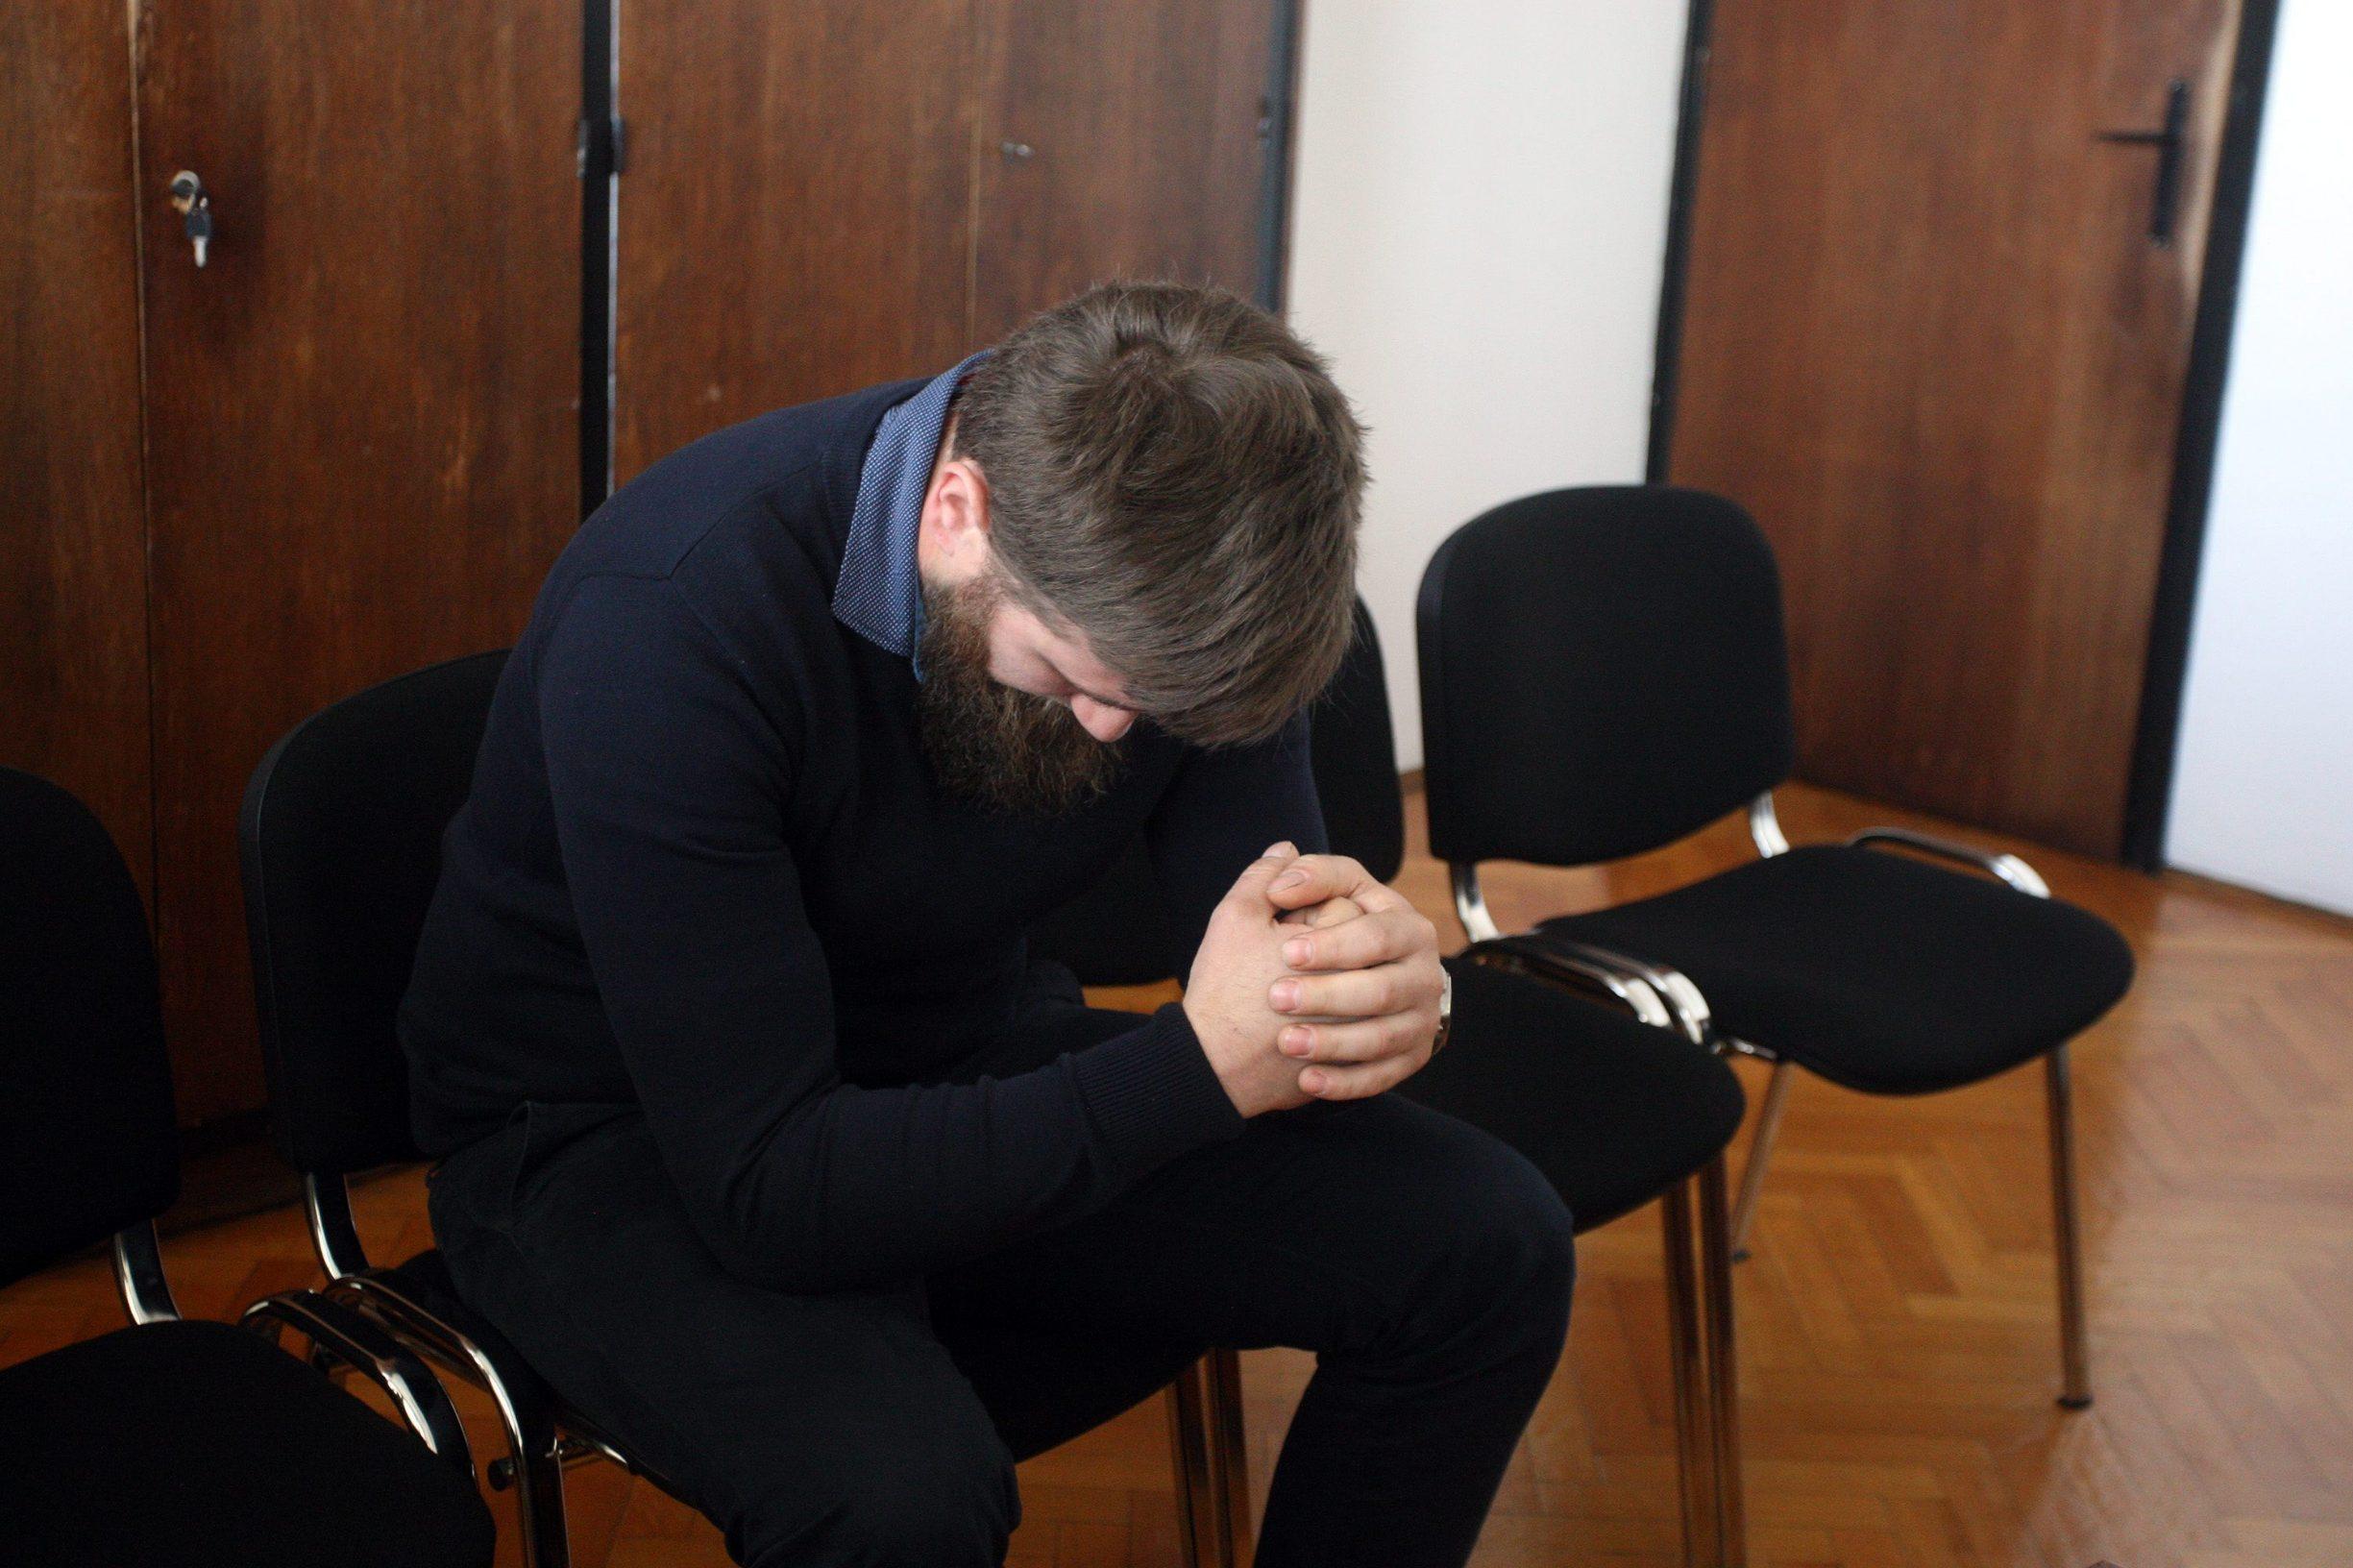 Varazdin, 220519. Na Zupanijskom sudu u Varazdinu traje sudjenje Marku Taradiju za kazneno djelo iz claka 90 Kaznenog zakona. Na fotografiji: Marko Taradi u sudnici. Foto: Zeljko Hajdinjak / CROPIX